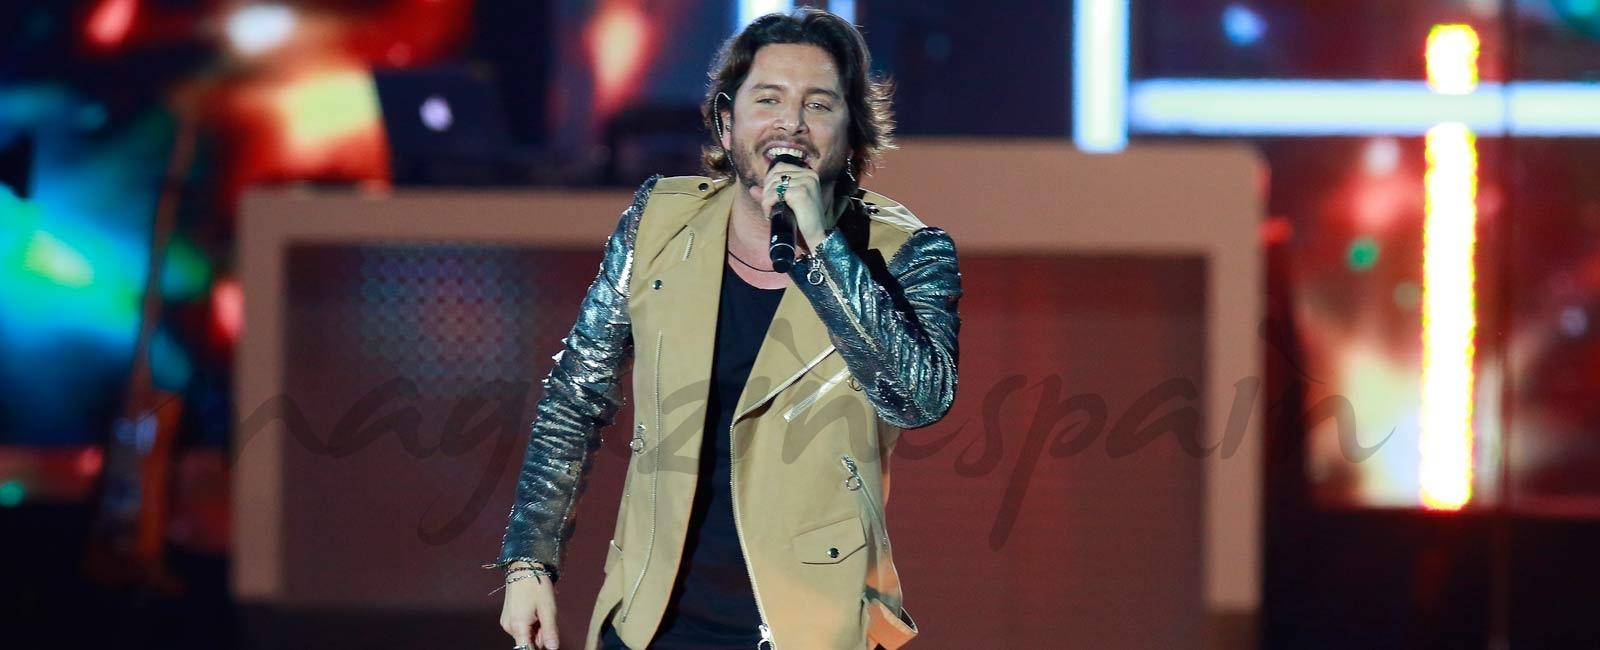 Manuel Carrasco finalmente cancela su concierto en Las Ventas